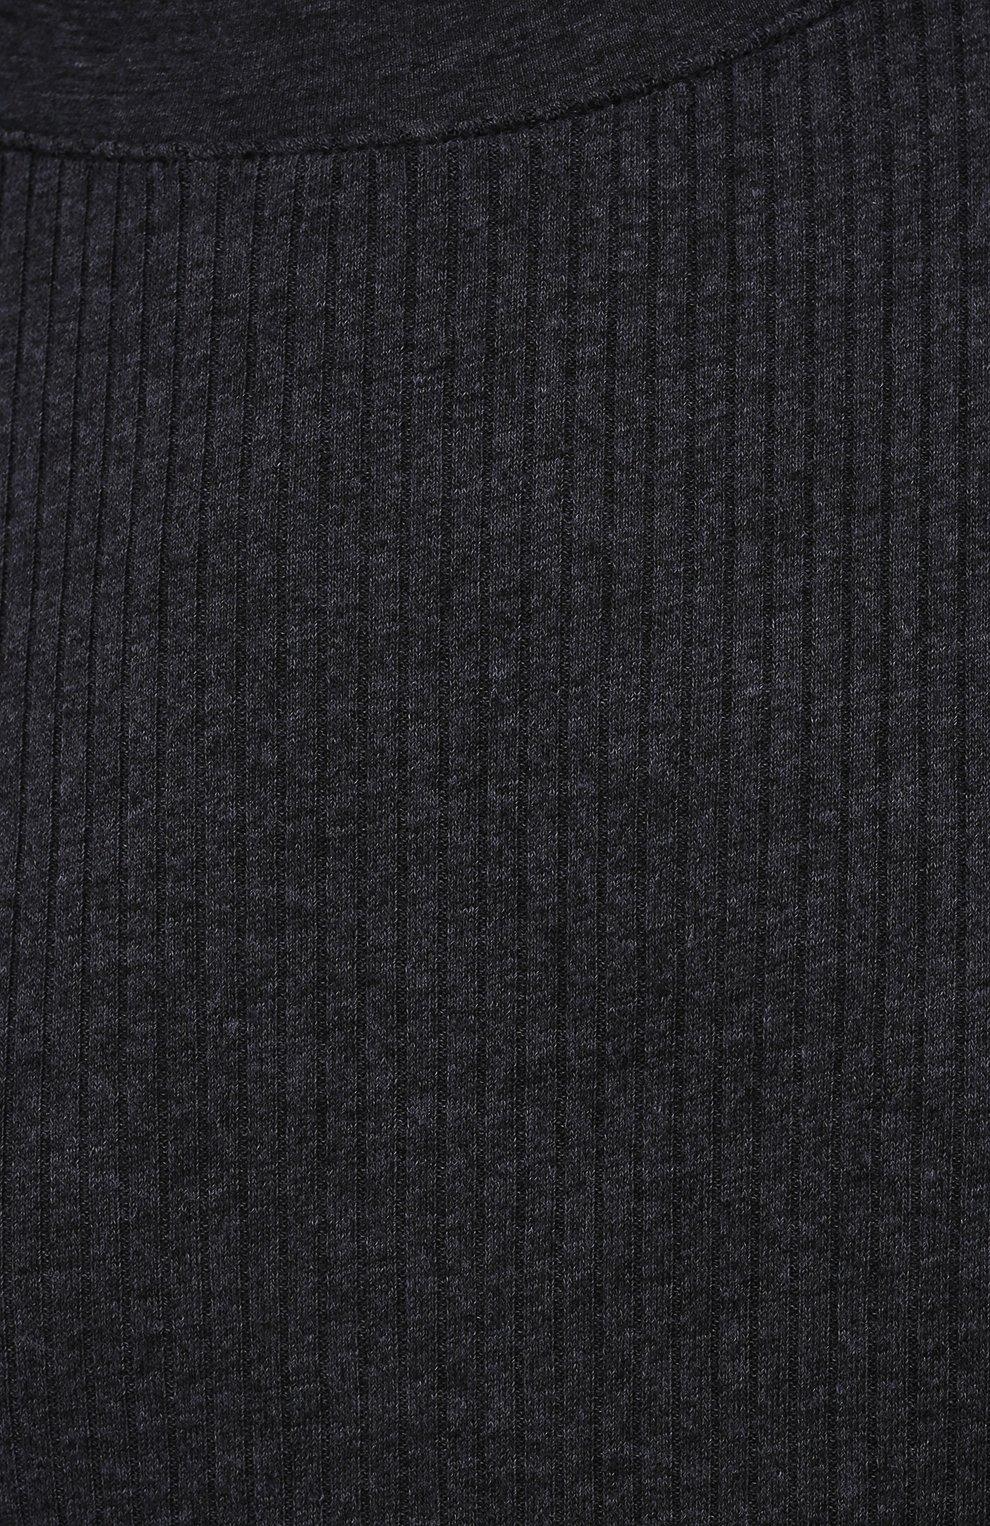 Женская хлопковый лонгслив JAMES PERSE темно-синего цвета, арт. WRTJ3662   Фото 5 (Рукава: Длинные; Принт: Без принта; Длина (брюки, джинсы): Стандартные; Материал внешний: Синтетический материал, Хлопок; Длина (для топов): Стандартные; Женское Кросс-КТ: Лонгслив-одежда; Стили: Кэжуэл)